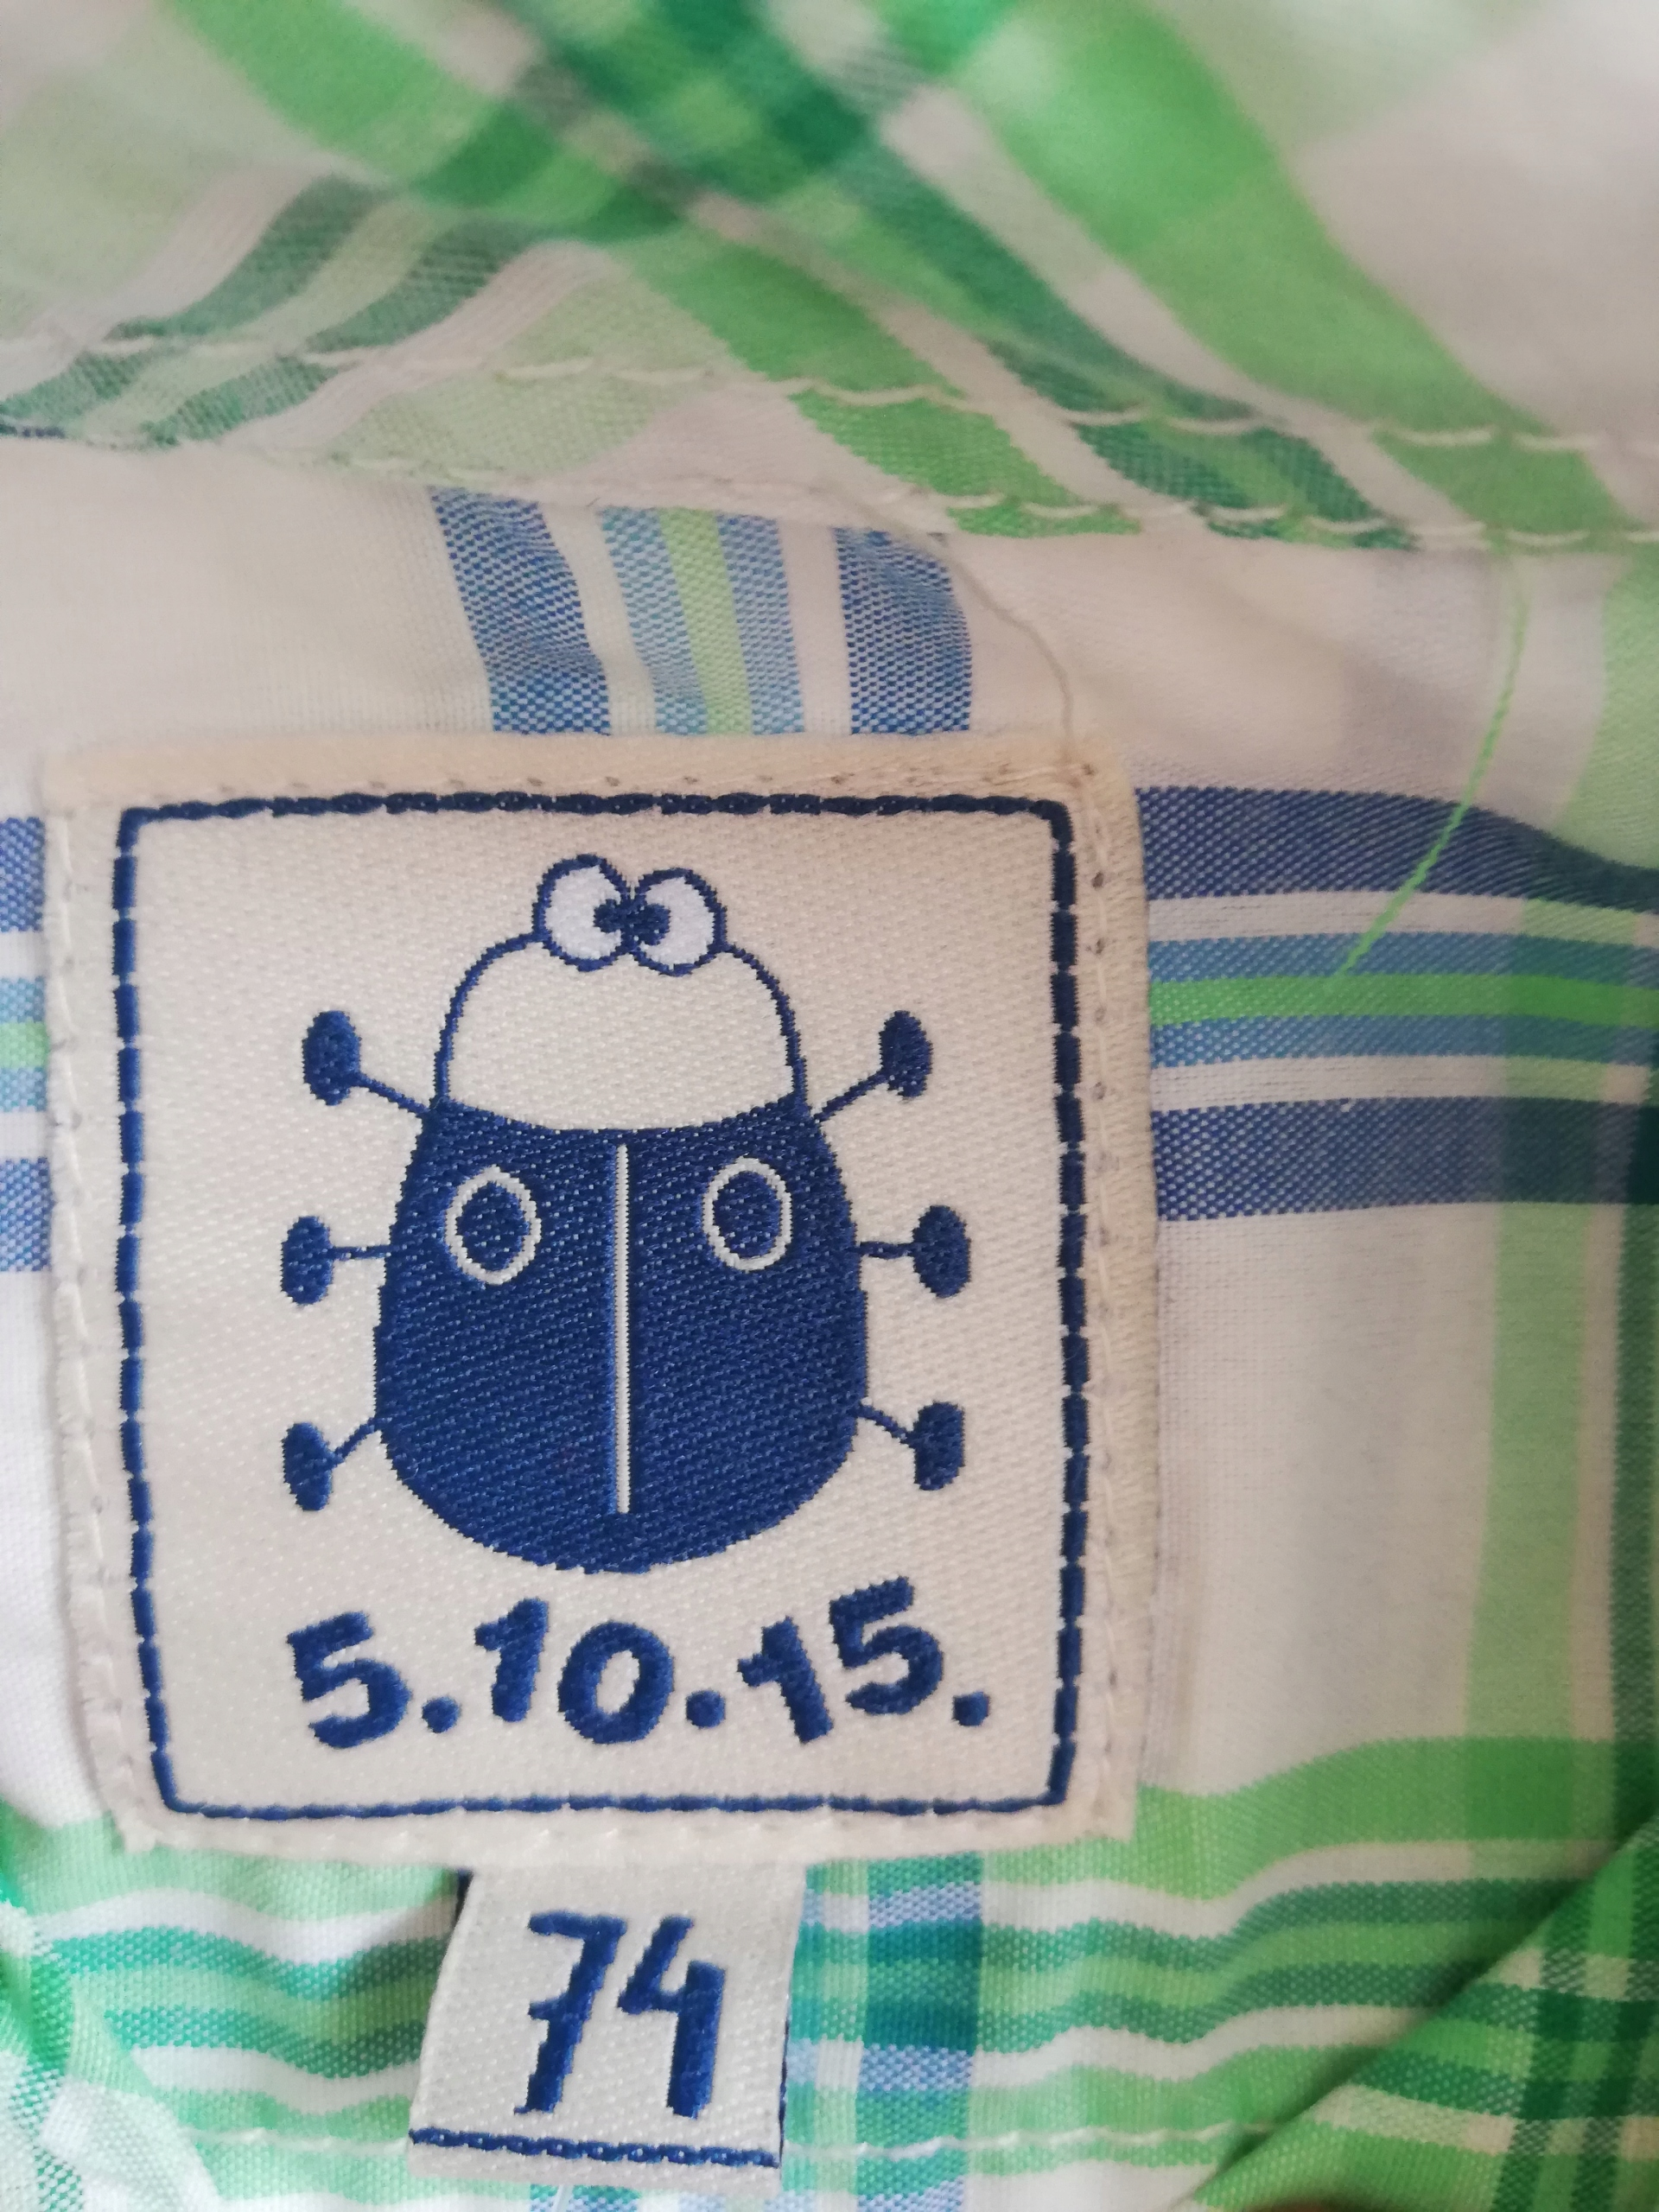 Koszula 5 10 15 dziecko 74